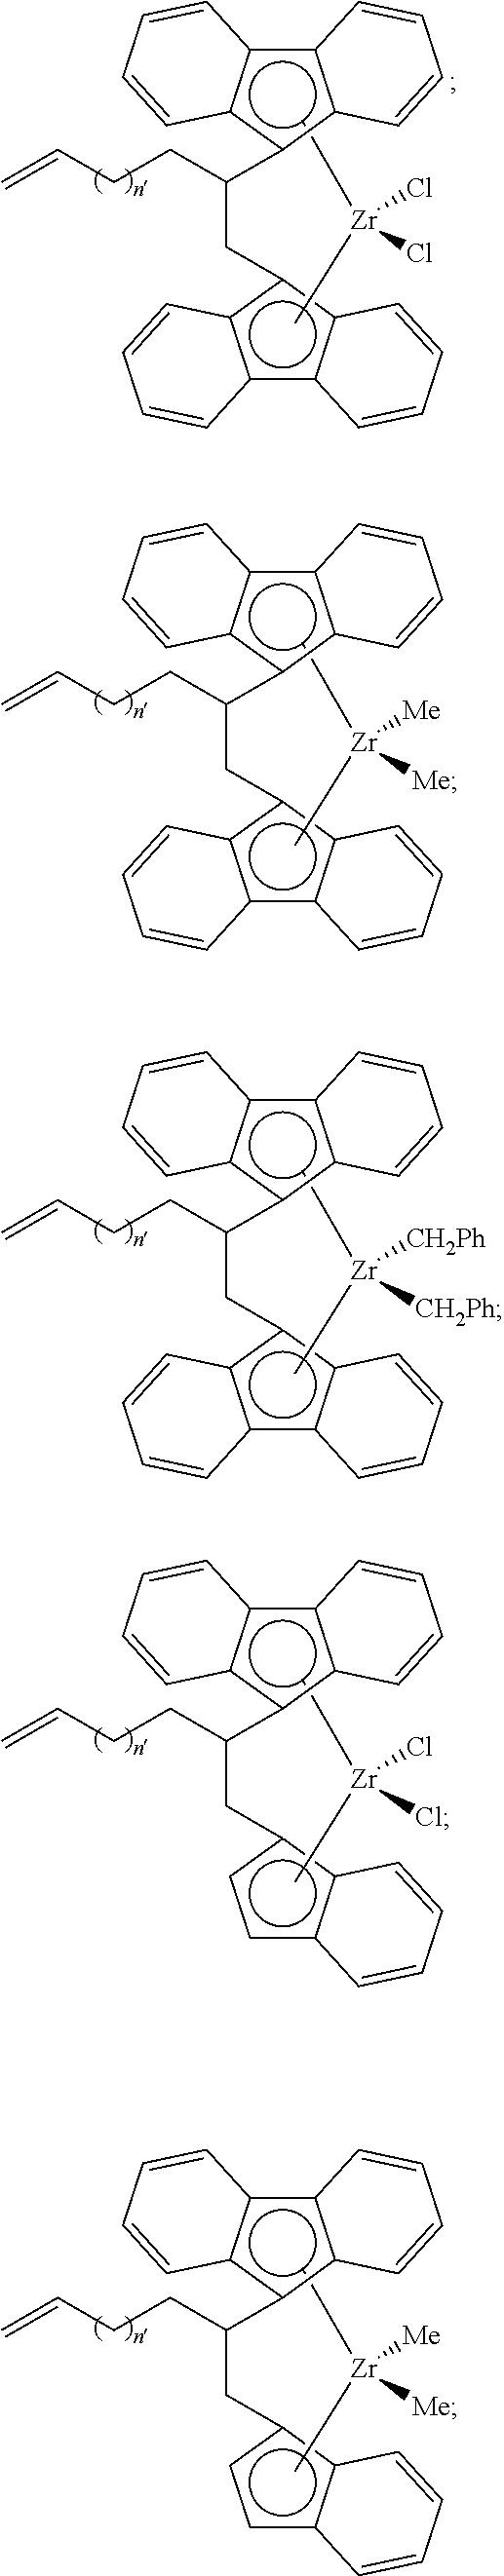 Figure US08329833-20121211-C00013